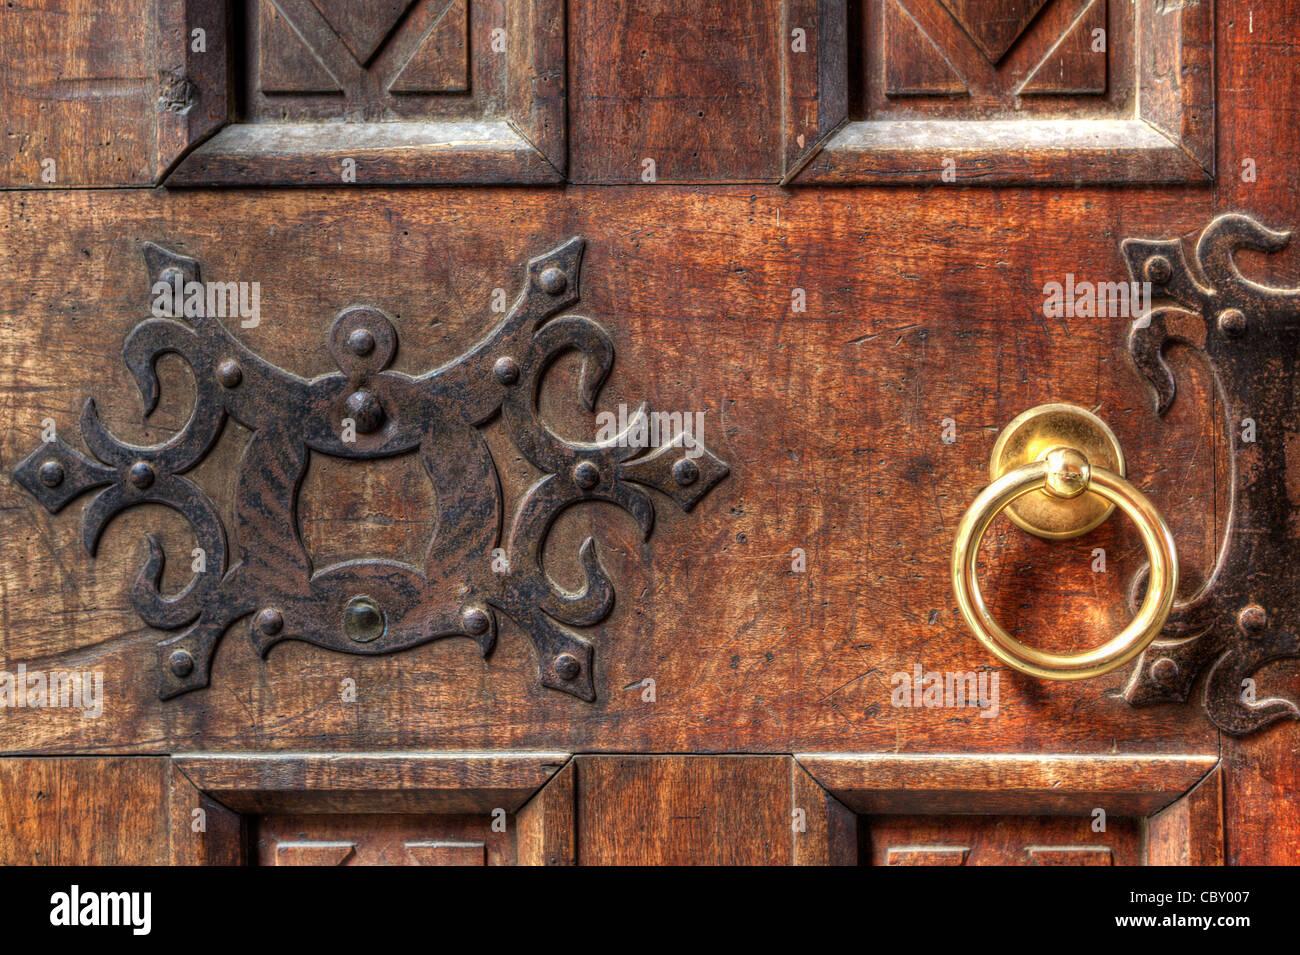 Fragment Of Vintage Wooden Door With Ornament And Round Golden Doorhandle.    Stock Image